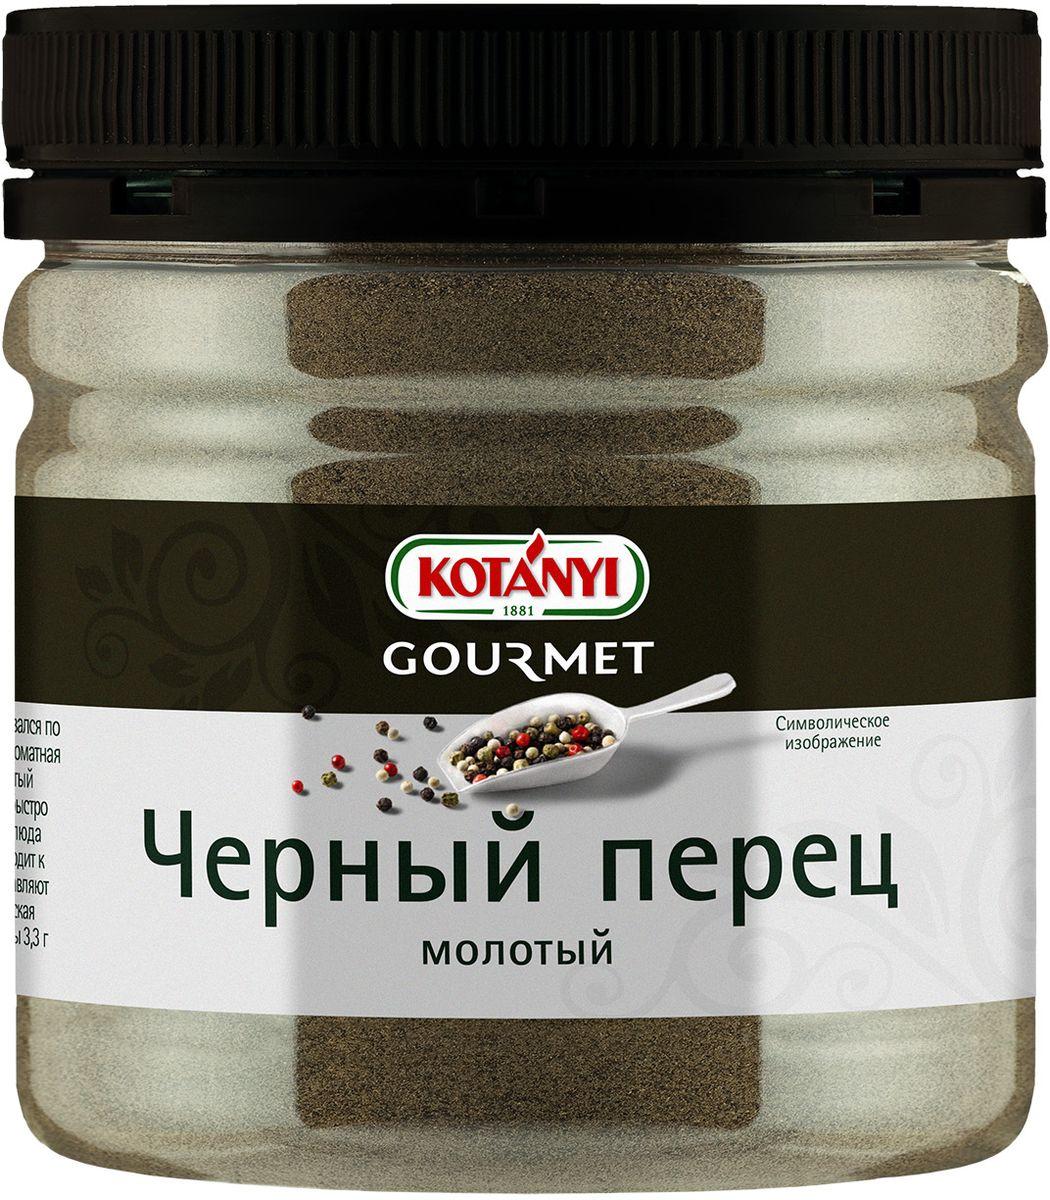 Kotanyi Черный перец молотый, 180 г0120710Чёрный перец называют королём пряностей. Он не только вносит свой неповторимый аромат и острый насыщенный вкус в блюда, но также подчёркивает вкус других ингредиентов.Страна происхождения: Вьетнам.